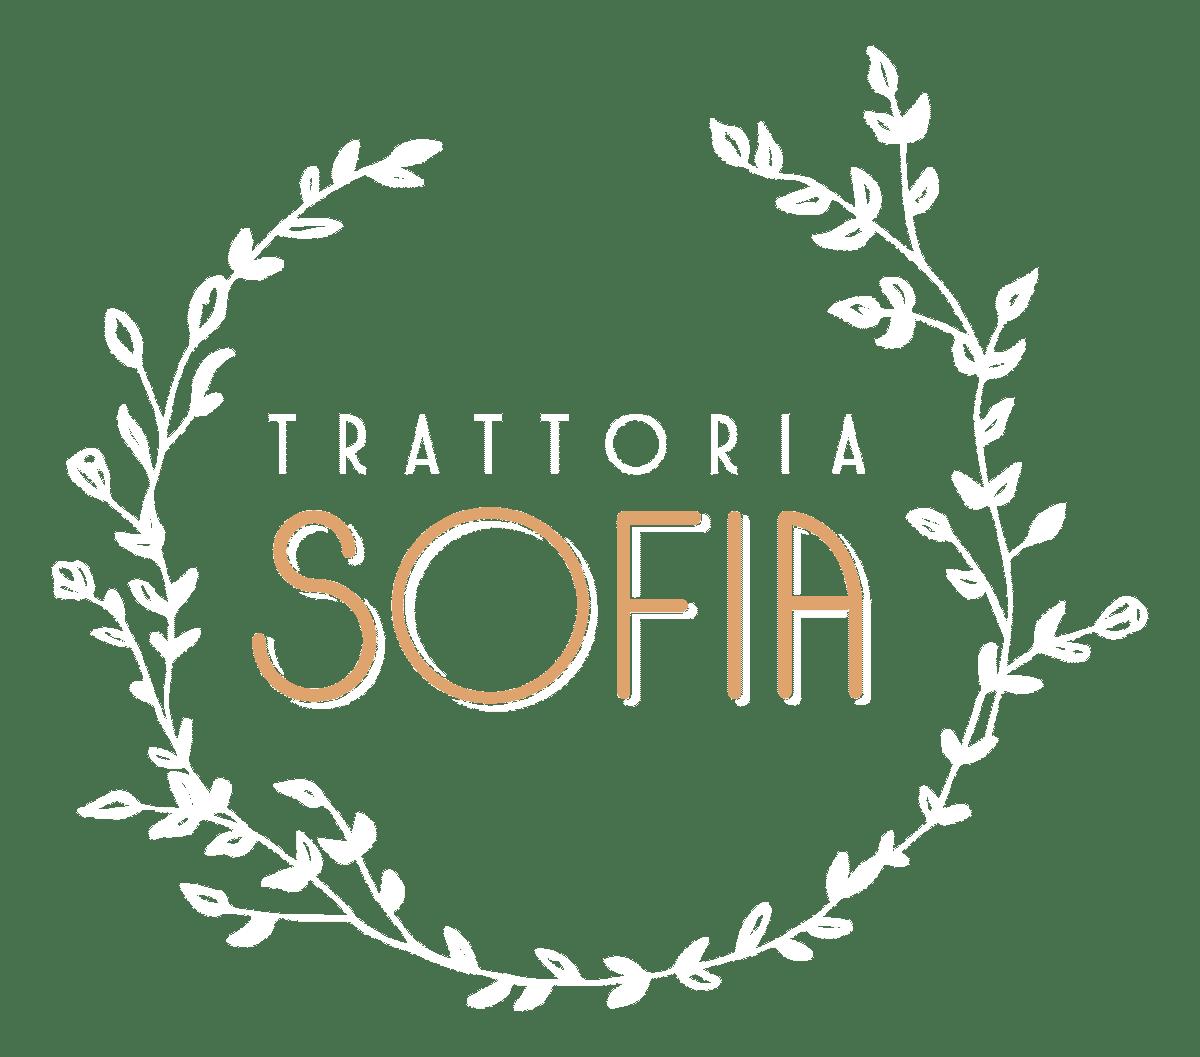 Trattoria Sofia